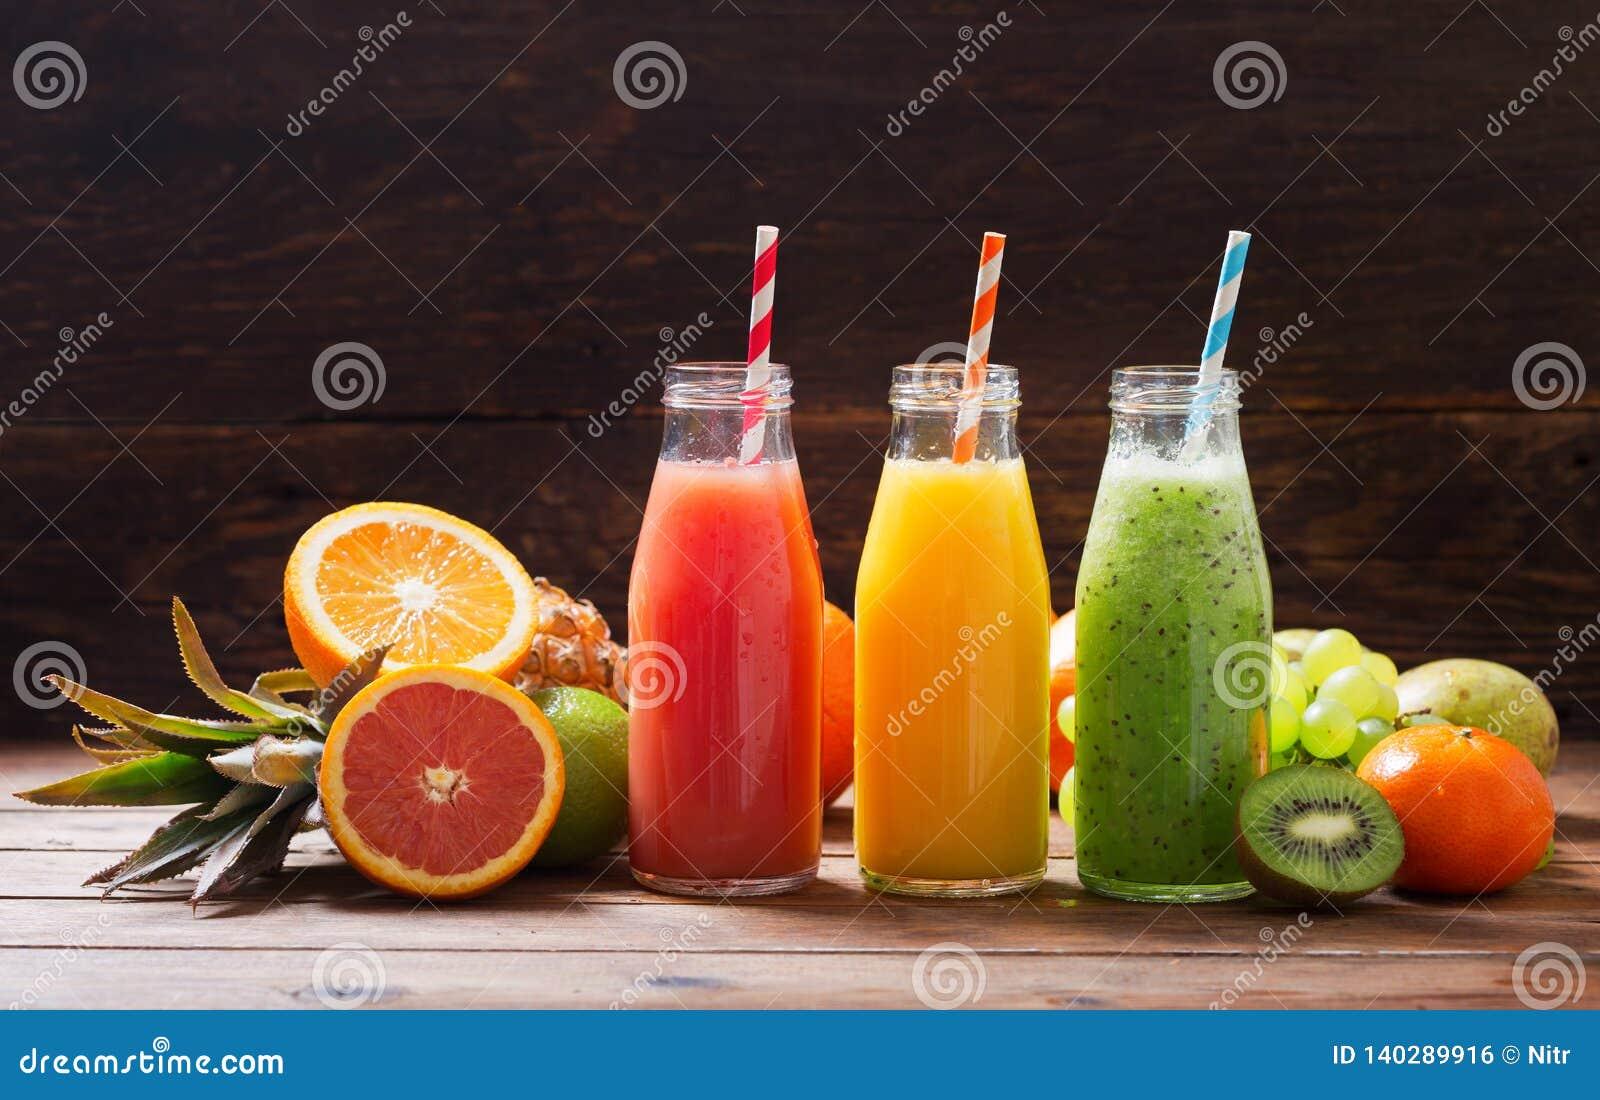 Botellas de zumo de fruta y de smoothie con las frutas frescas